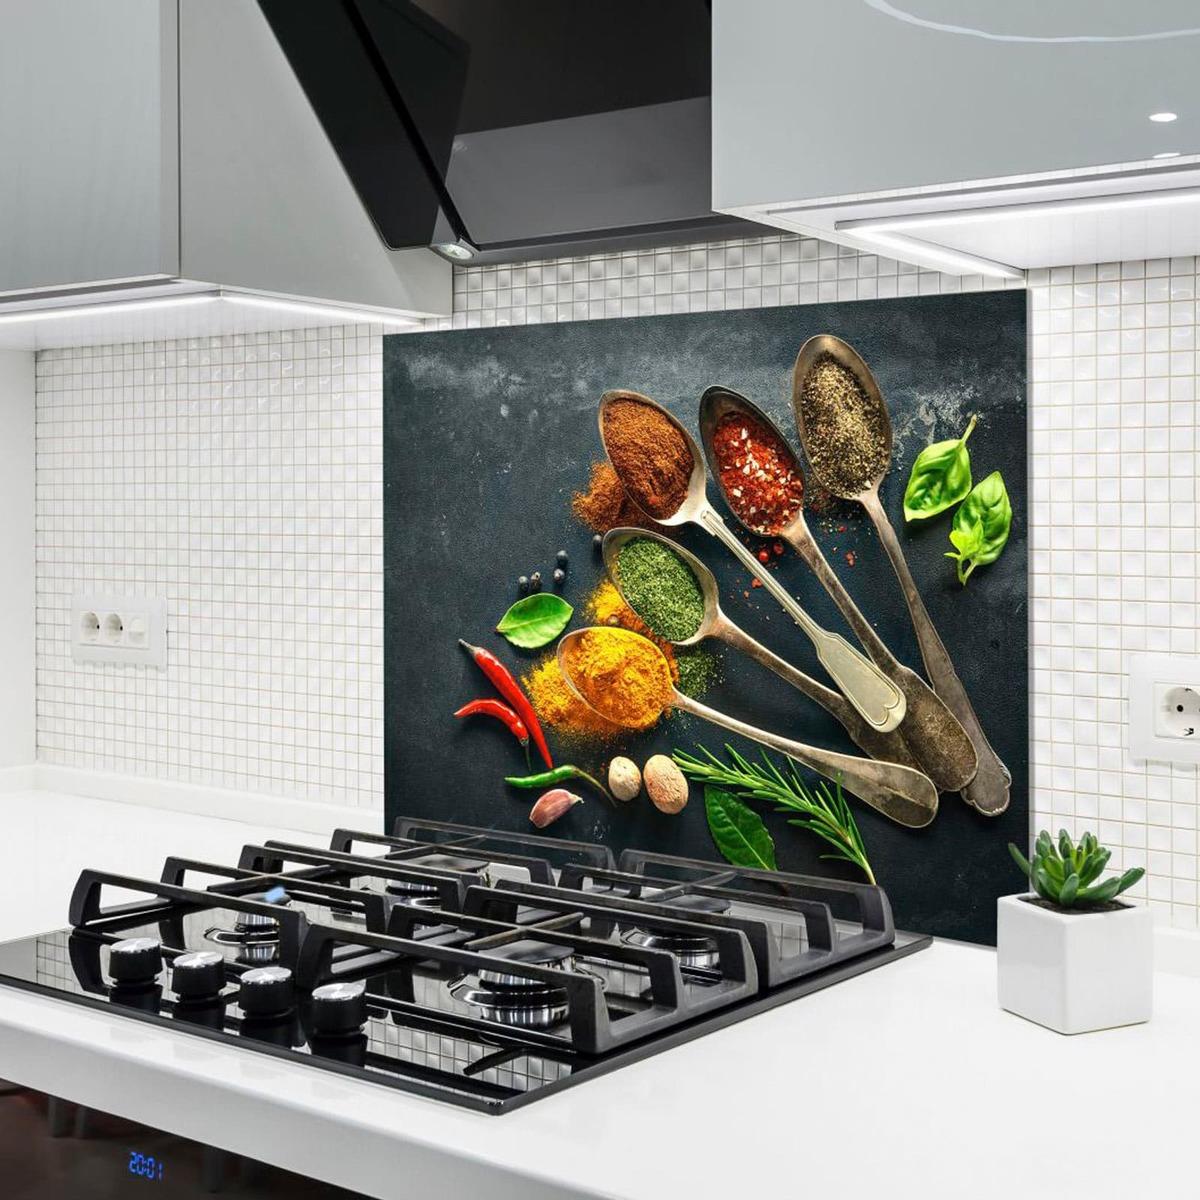 Bild 2 von Küchenrückwand aus Glas - GEWÜRZE - 90x65 cm